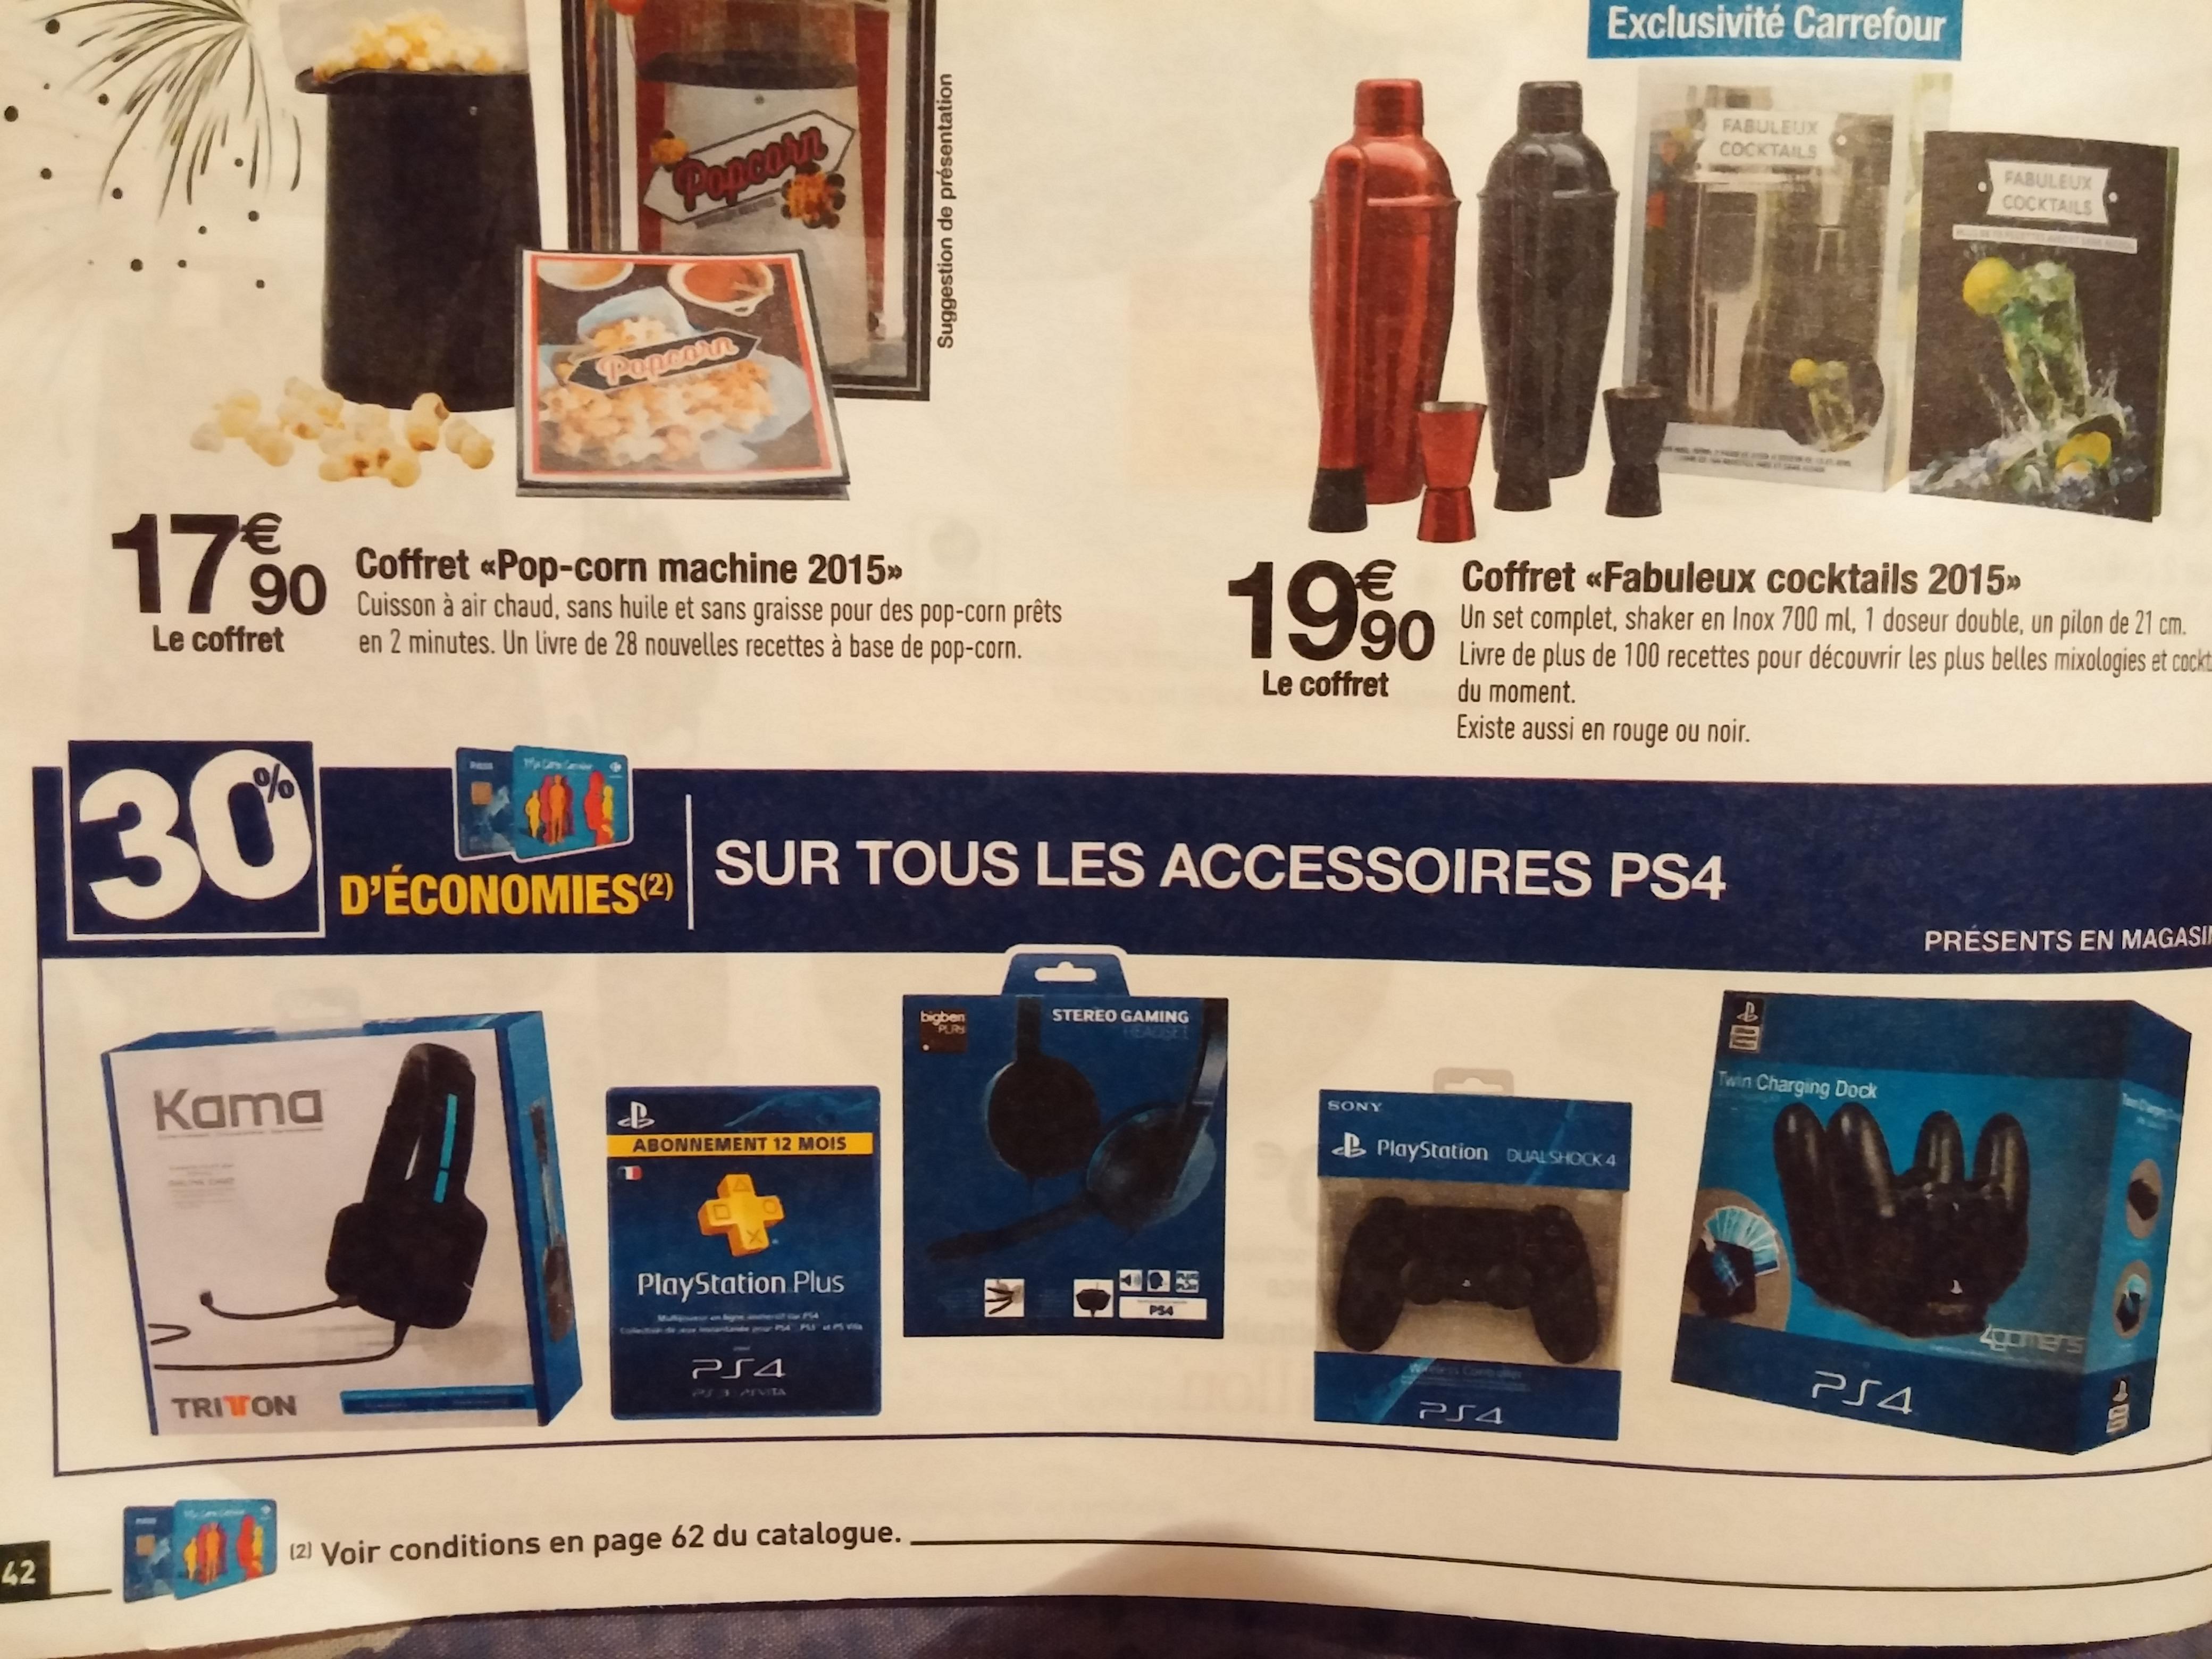 30% crédités sur la carte fidélité sur tous les accessoires PS4 - Ex: Playstation Plus 12 mois